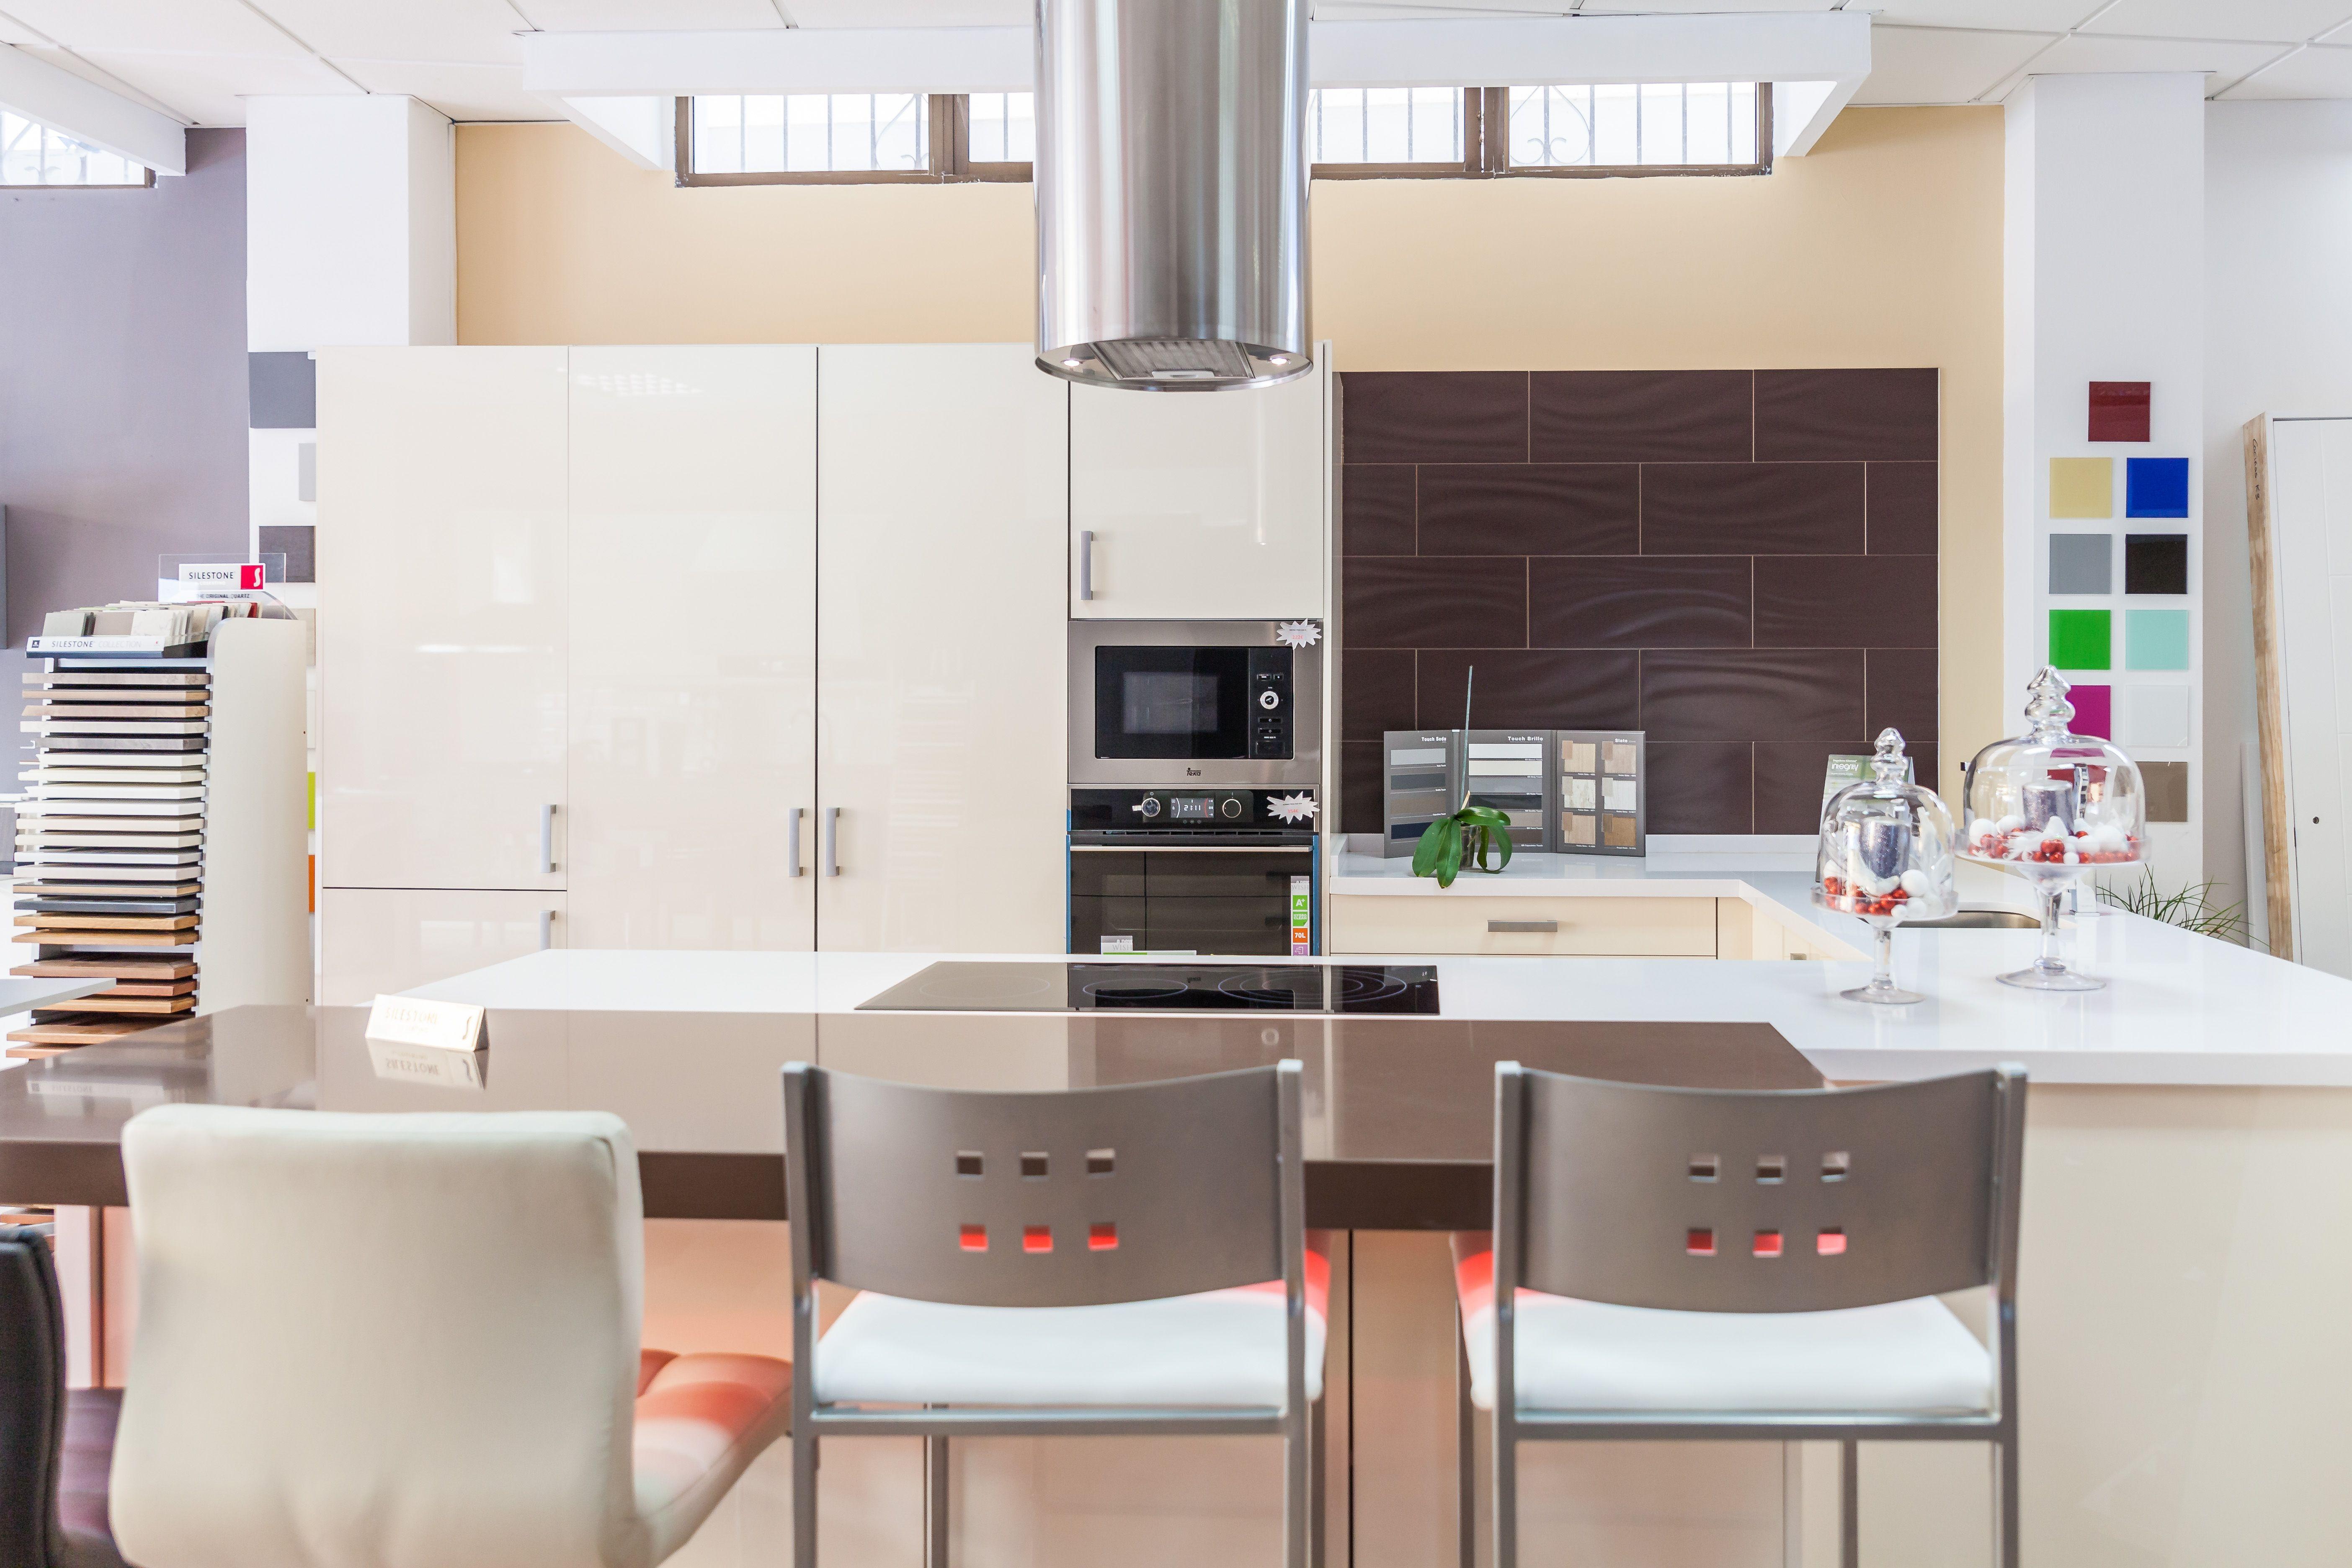 Foto 1 de Muebles cocina en Arona | Grupo K3